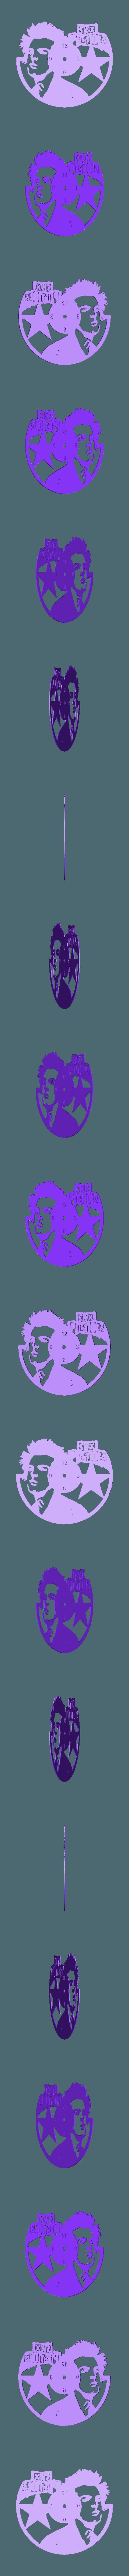 Frantic_Duup-Rottis.stl Télécharger fichier STL gratuit Pistolets Reloj Sex Pistols • Modèle pour imprimante 3D, 3dlito